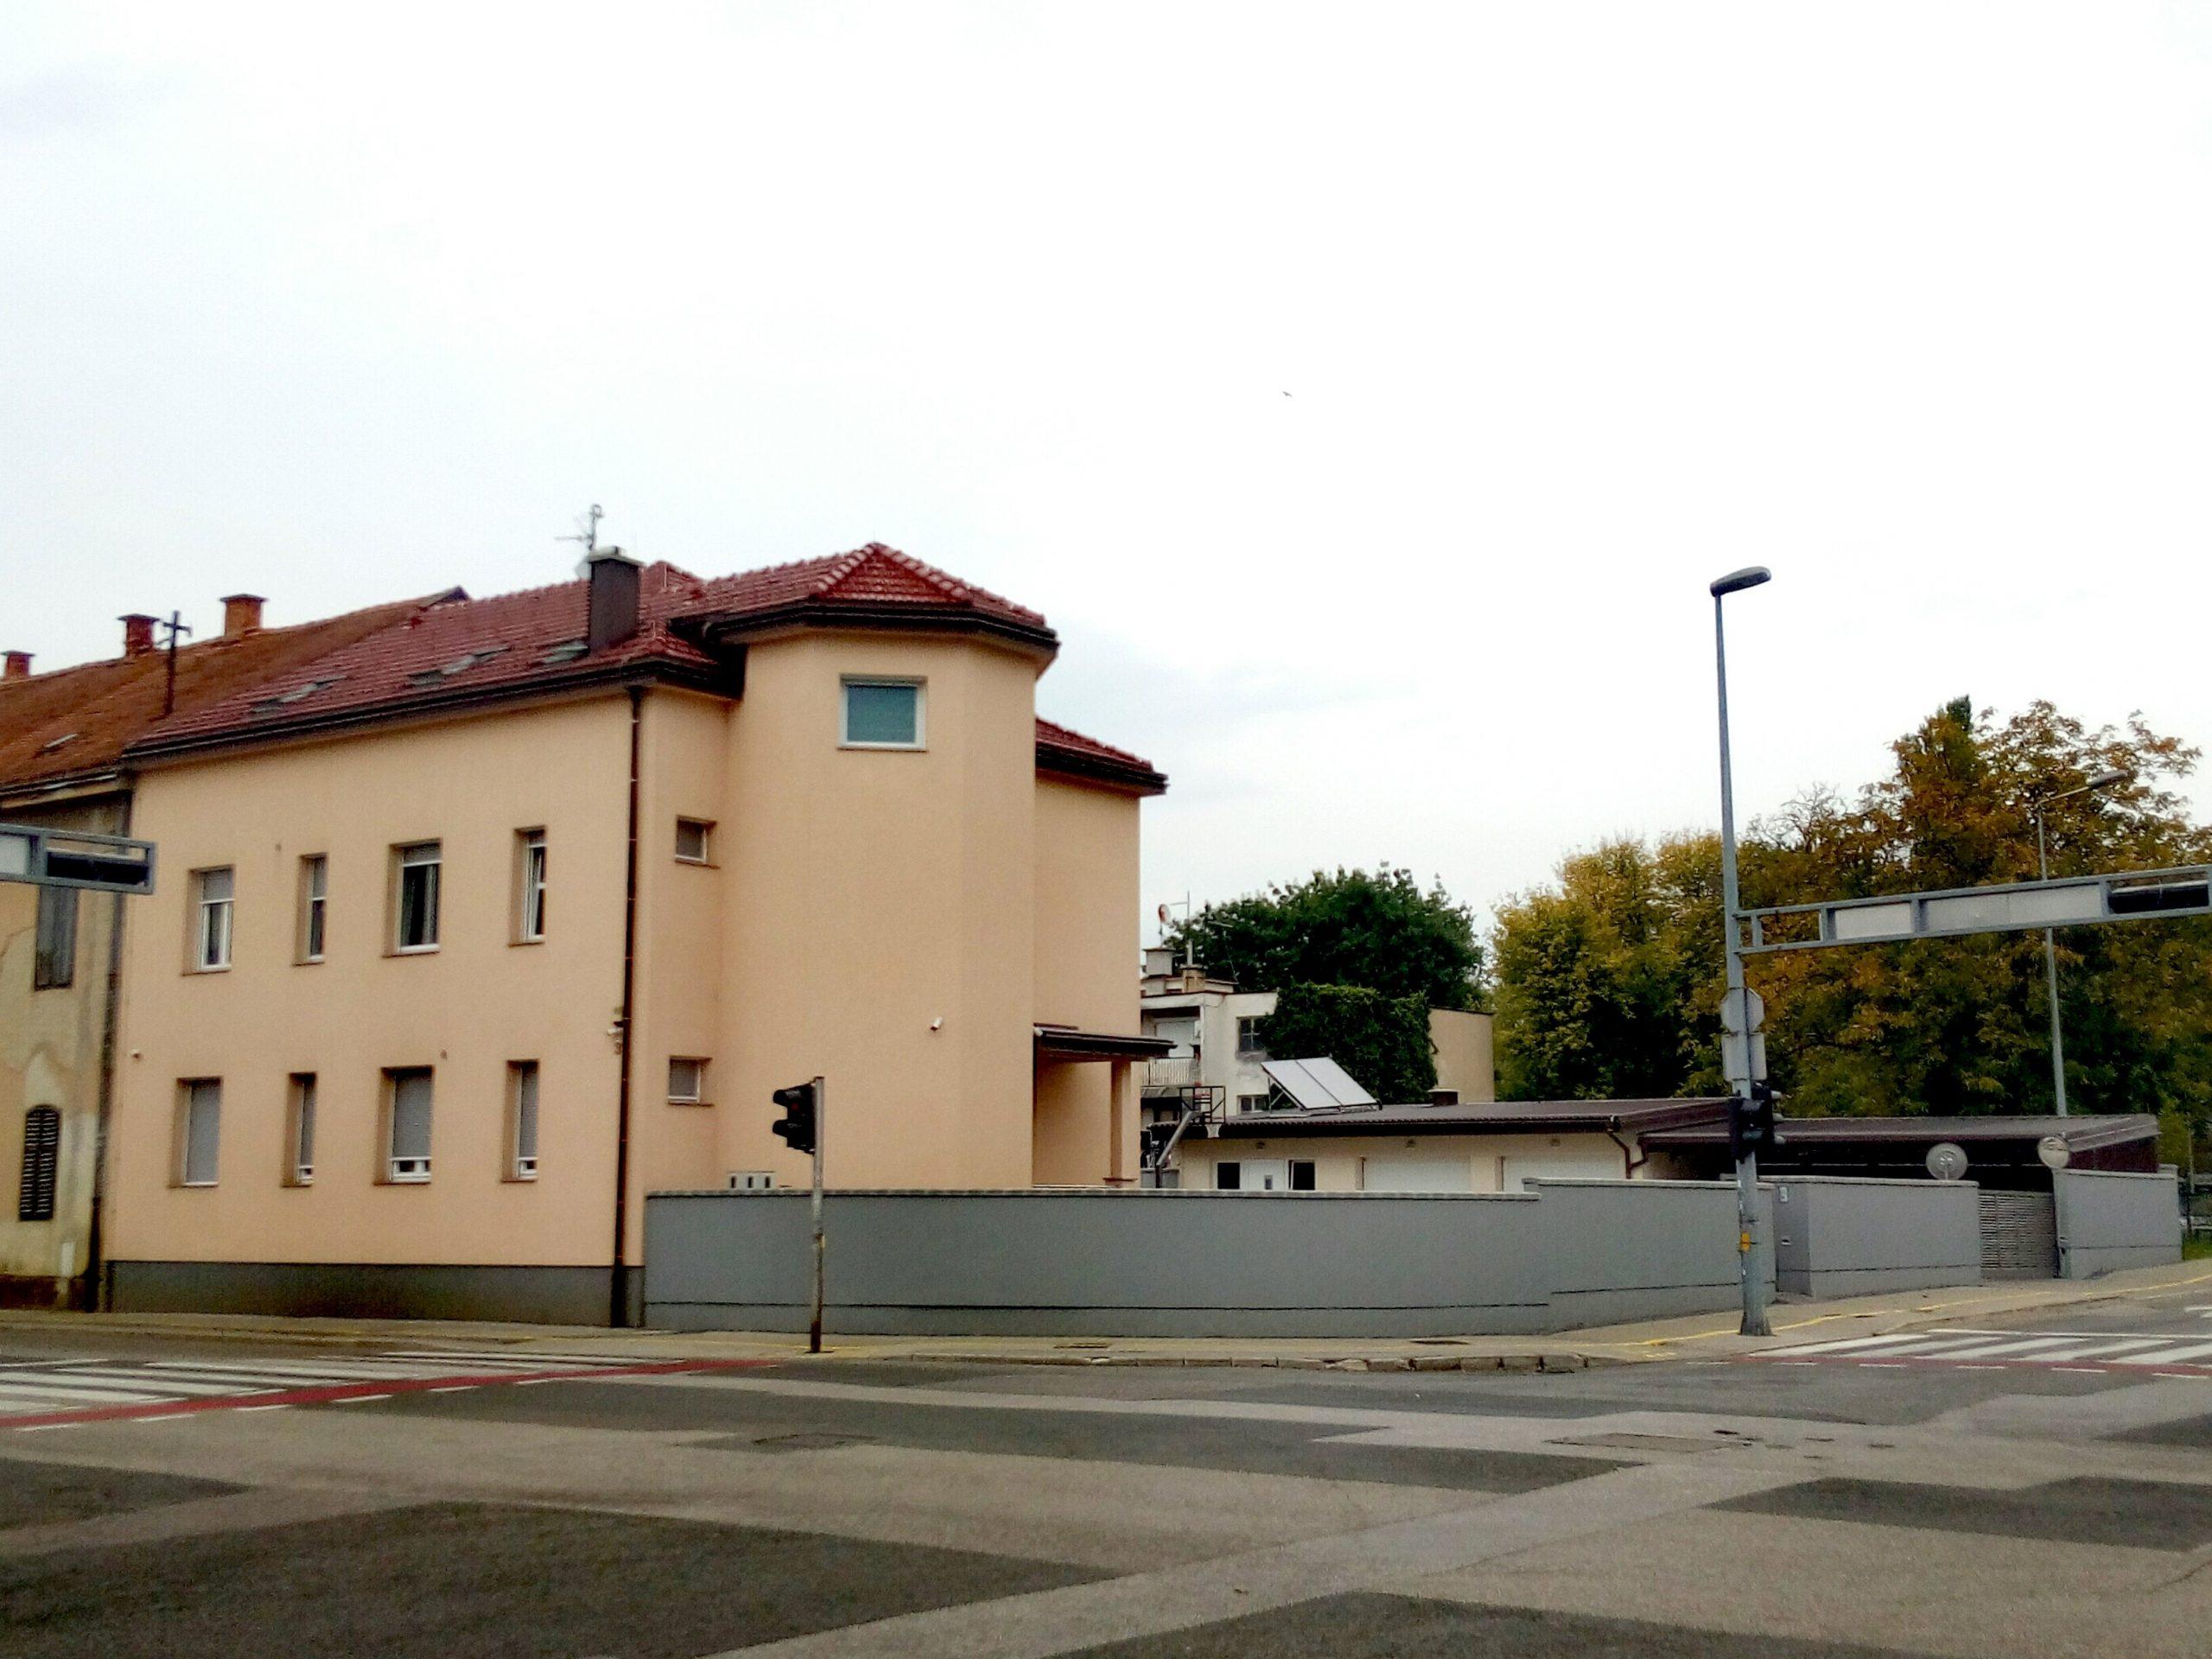 Izgradnja obiteljske kuće, Karlovac